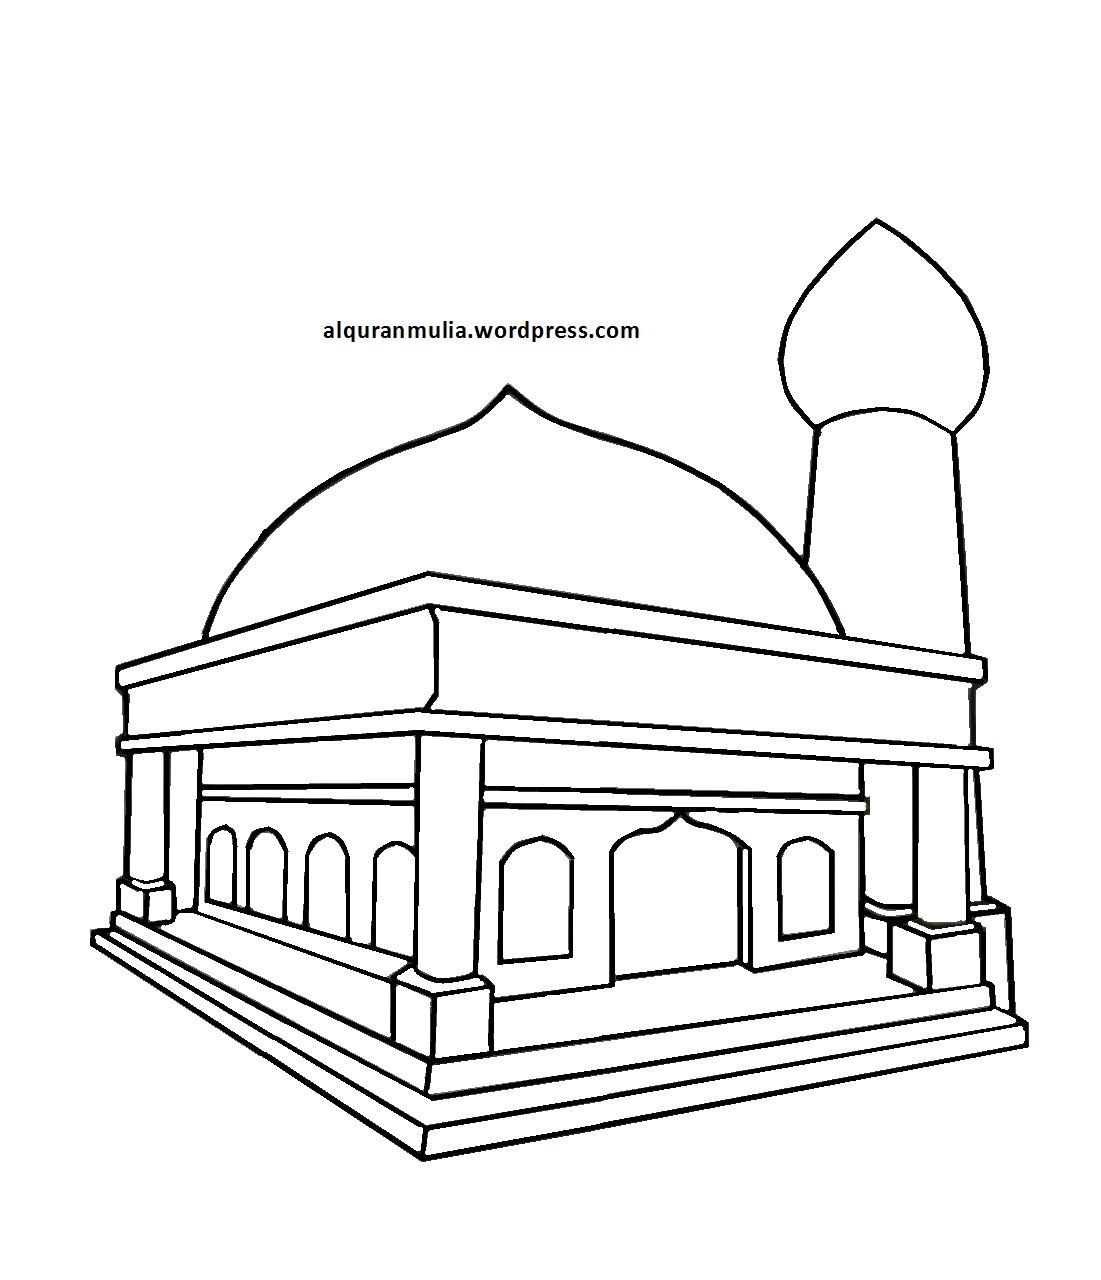 Gambar Kartun Muslim Sedang Sholat Blog Kata2 7 Modern Home